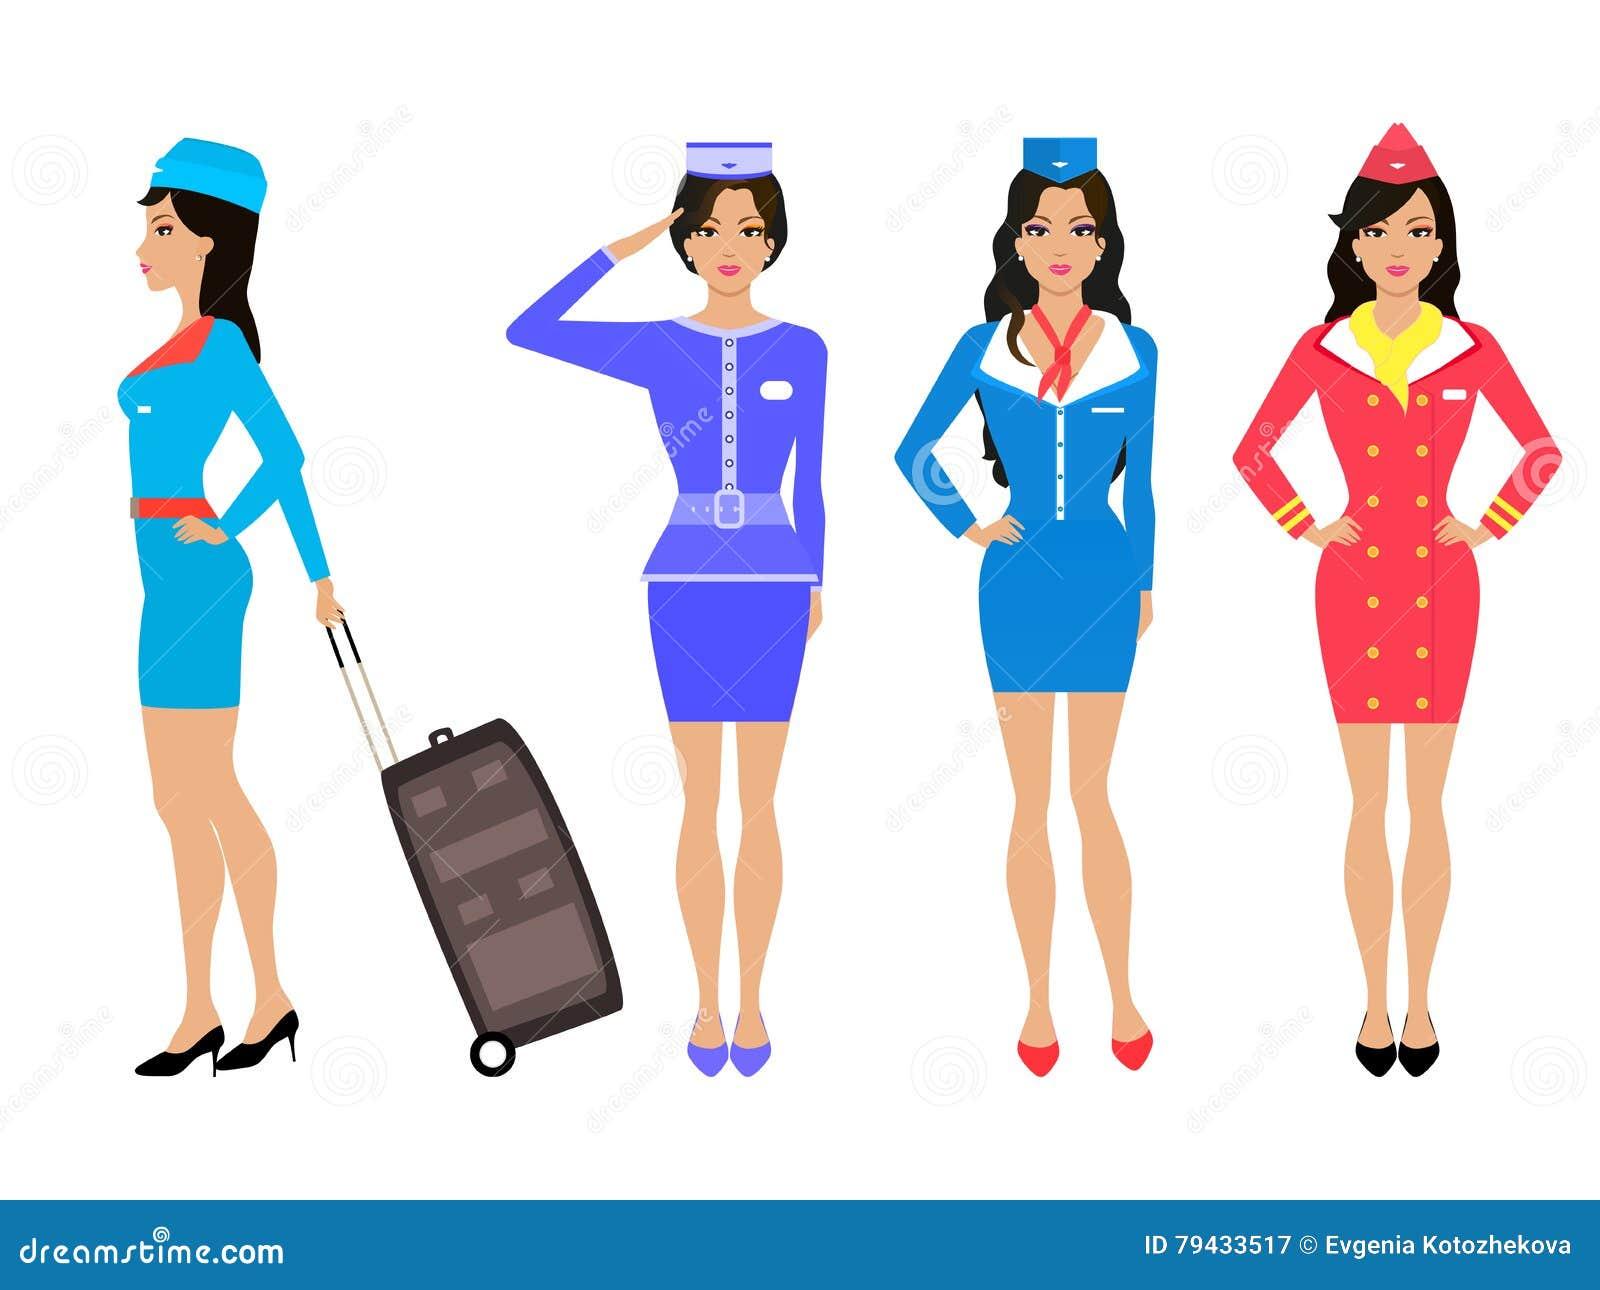 fda65df142ac3 Royalty-Free Vector. Set beautiful stewardess. Air hostess in uniform